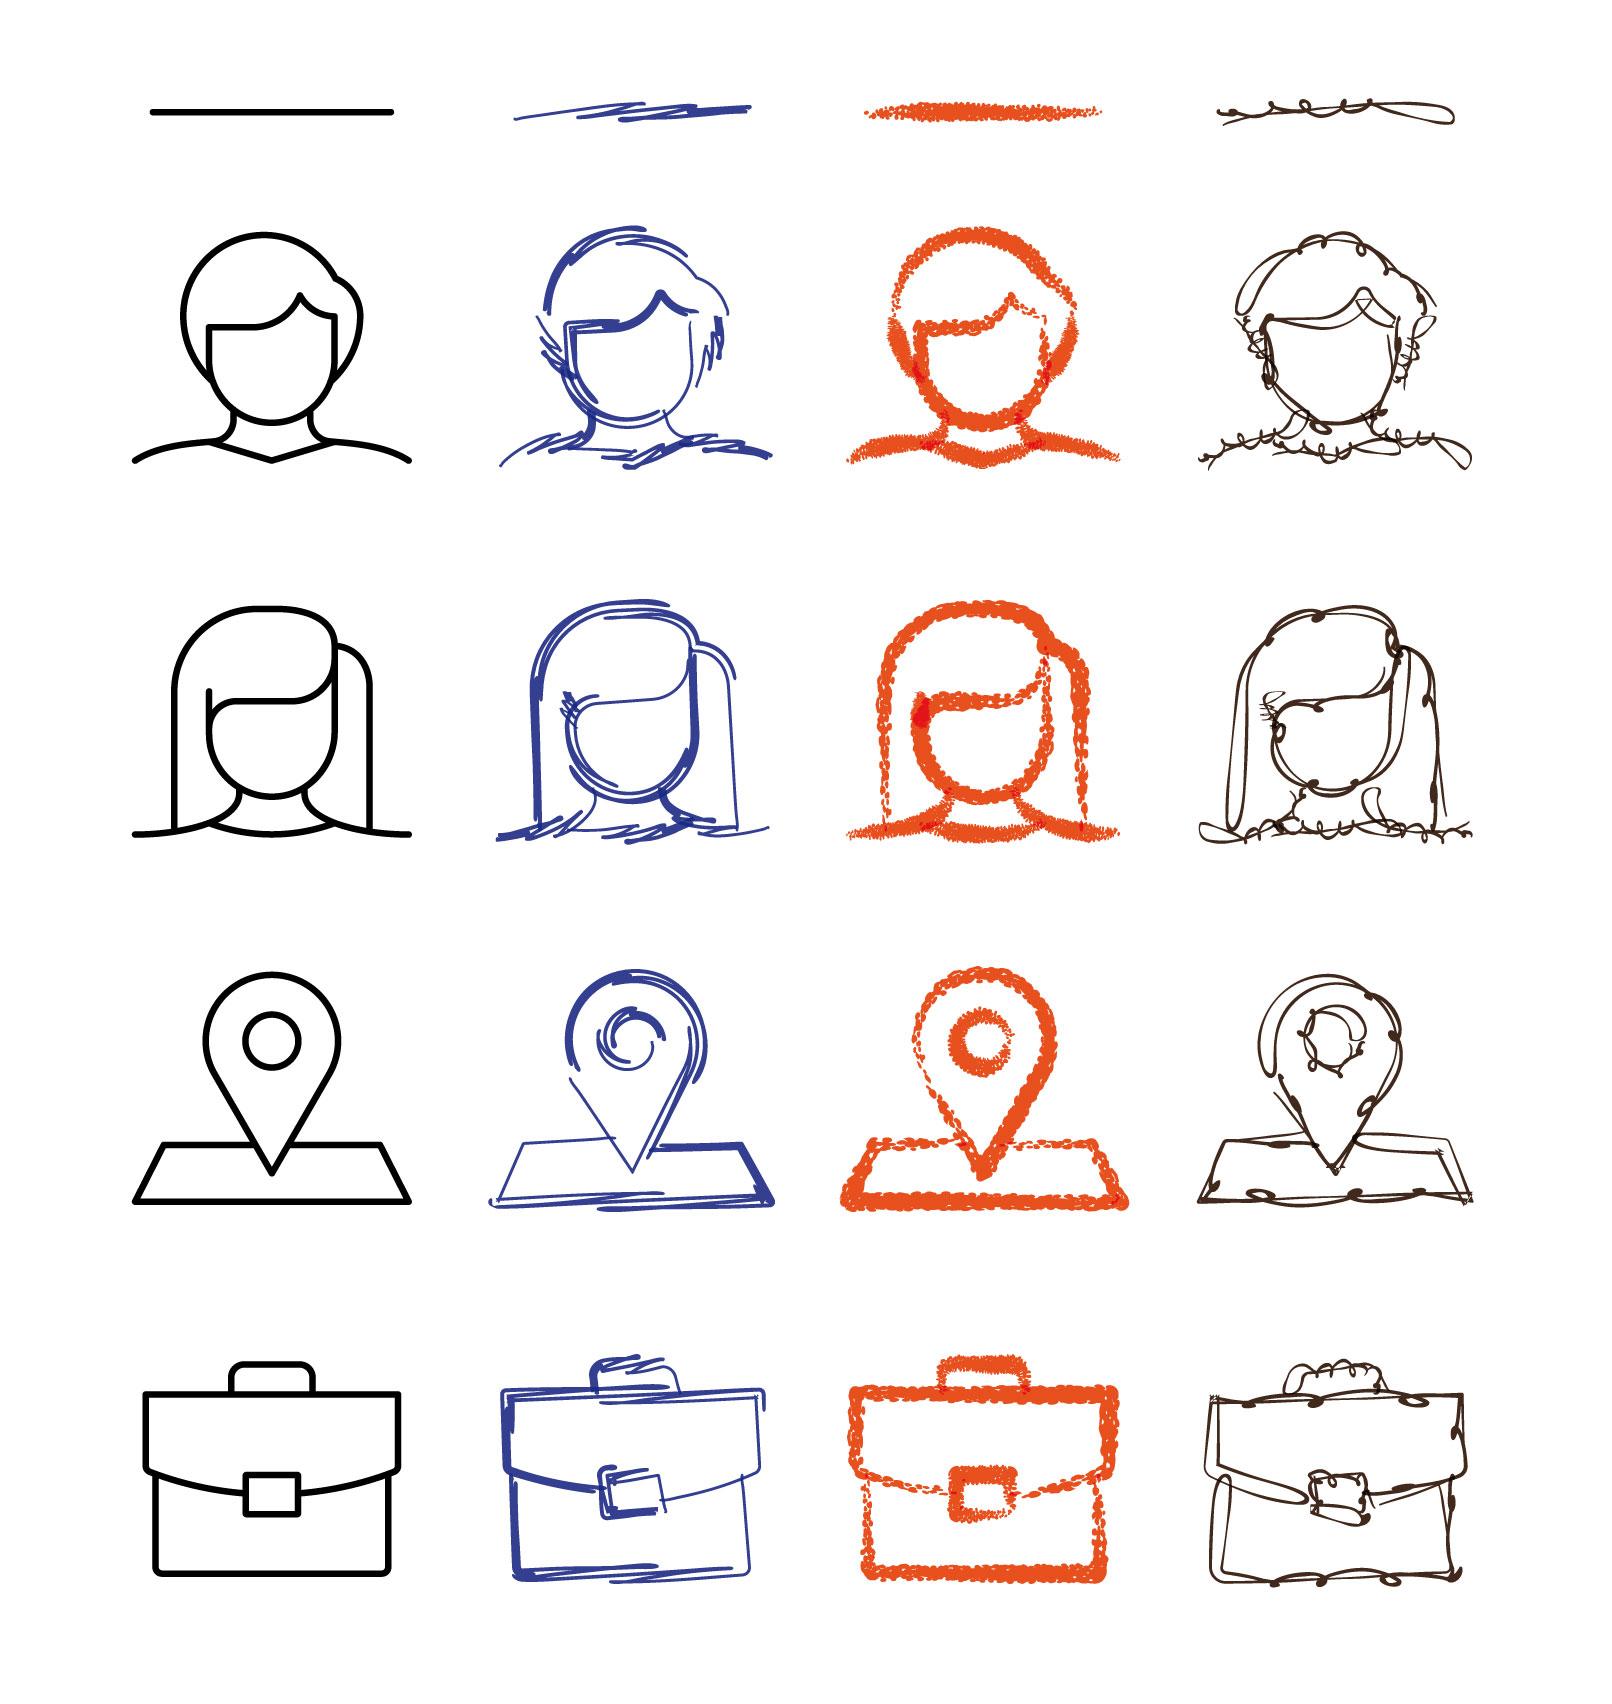 Beispiele zur Anwendung der Adobe Illustrator Pinsel als Freiformlinien und Konturen